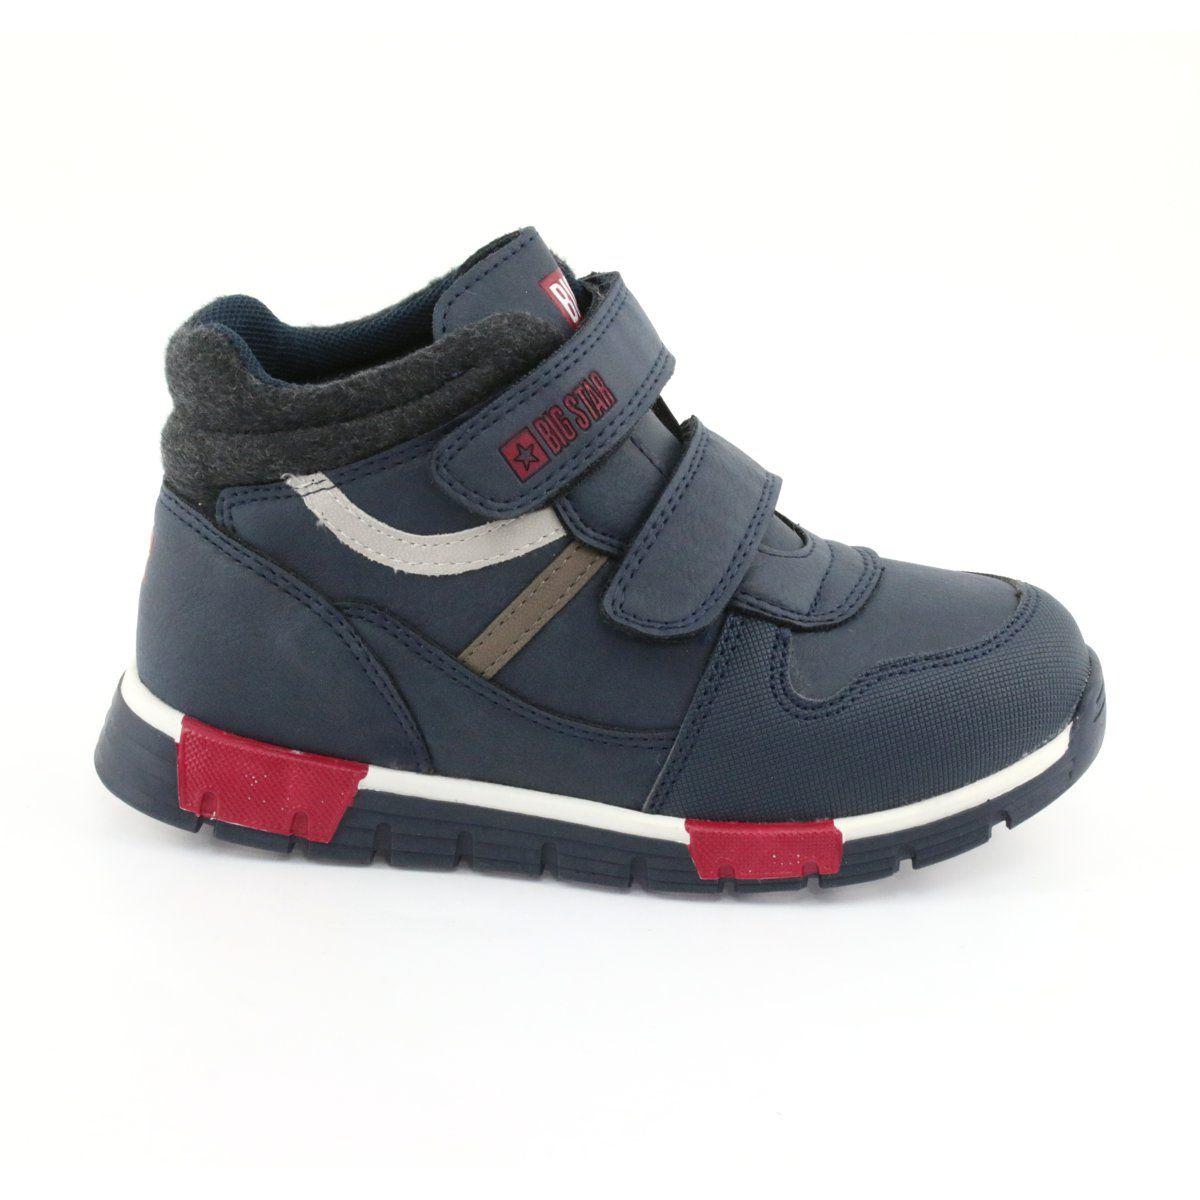 Buty Sportowe Na Rzepy Big Star 374065 Granatowe Biale Czerwone Blue Boots Sports Shoes Childrens Shoes